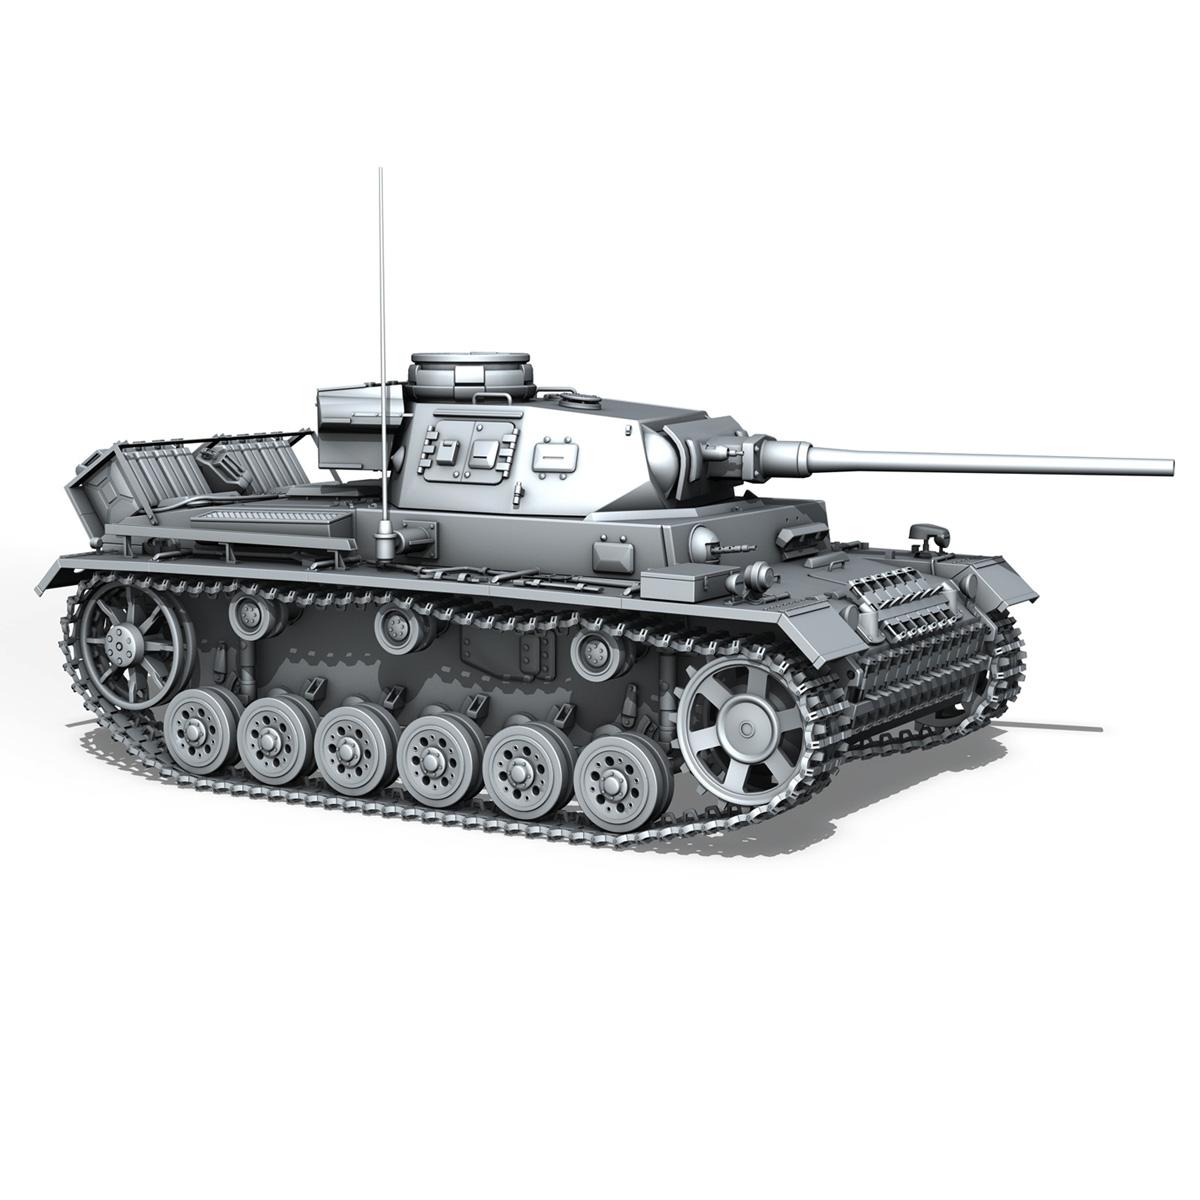 sd.kfz 141 pzkpfw 3 panzer 3 ausf.j 3d model 3ds fbx c4d lwo obj 188997